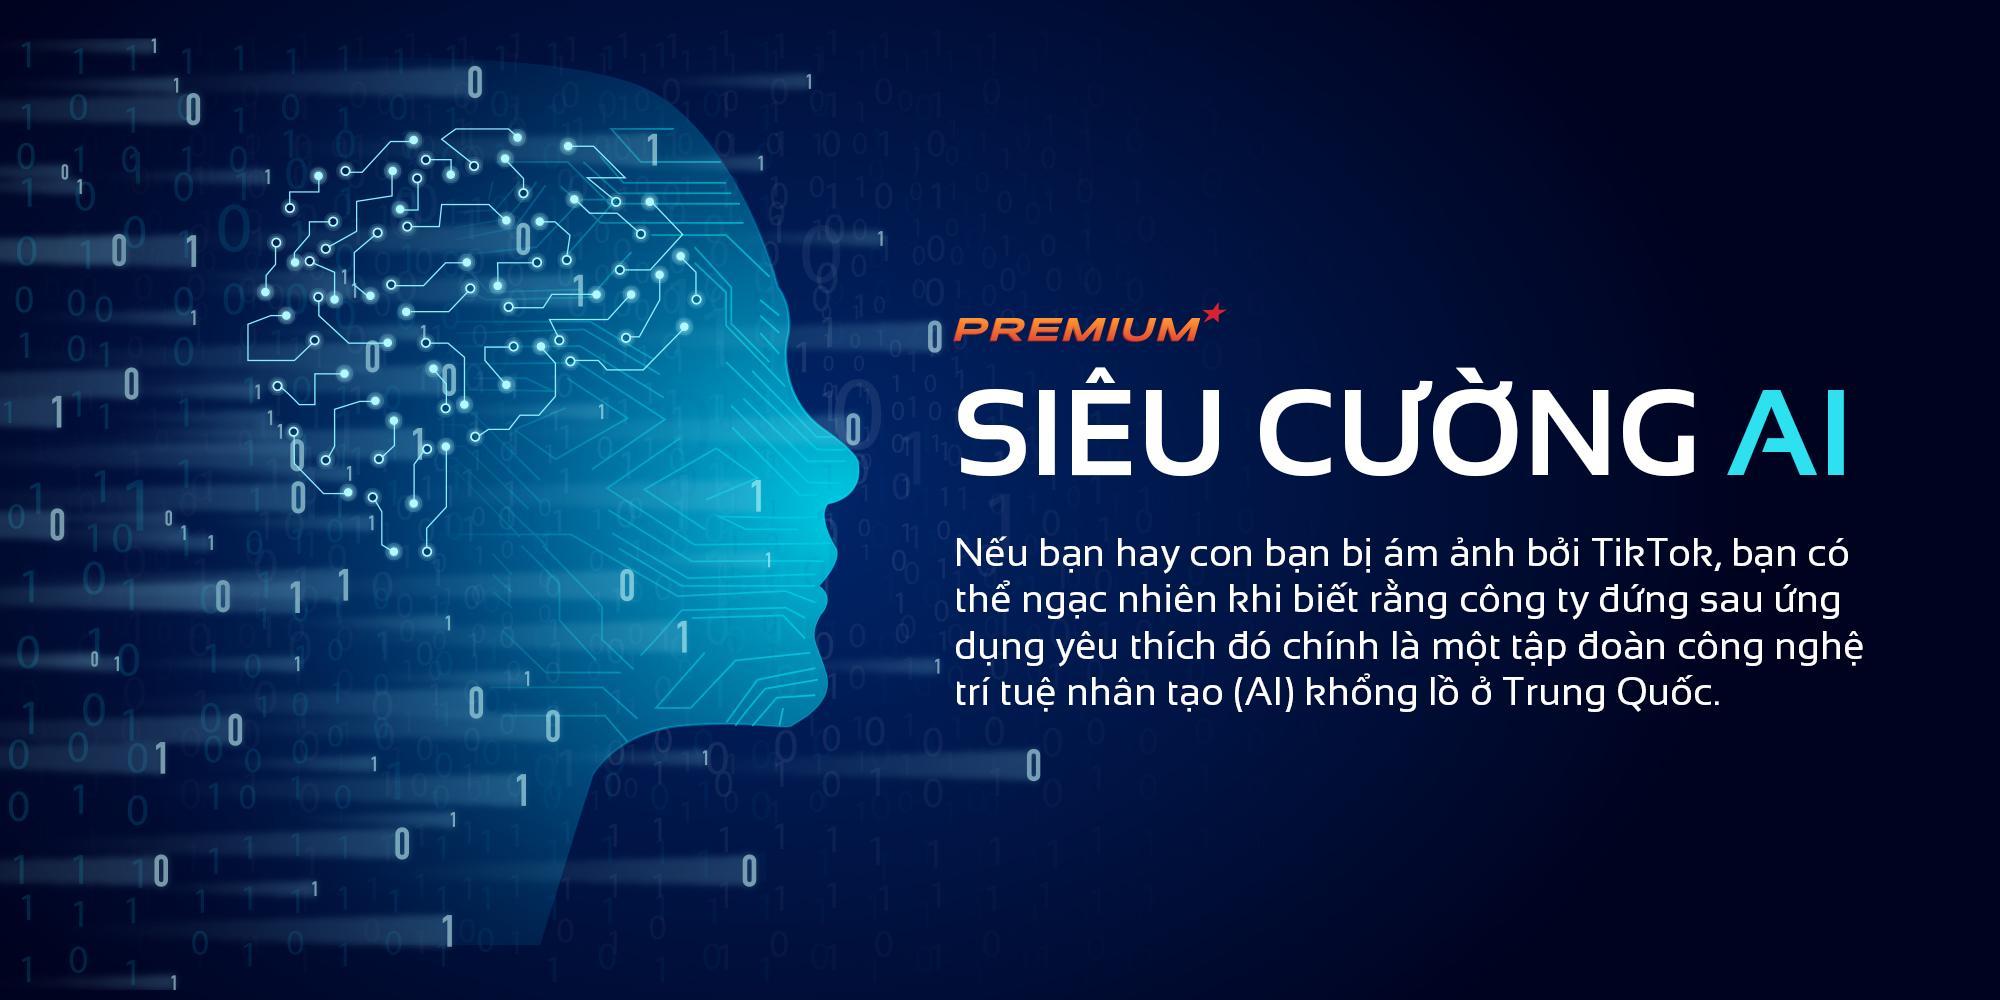 Siêu cường AI